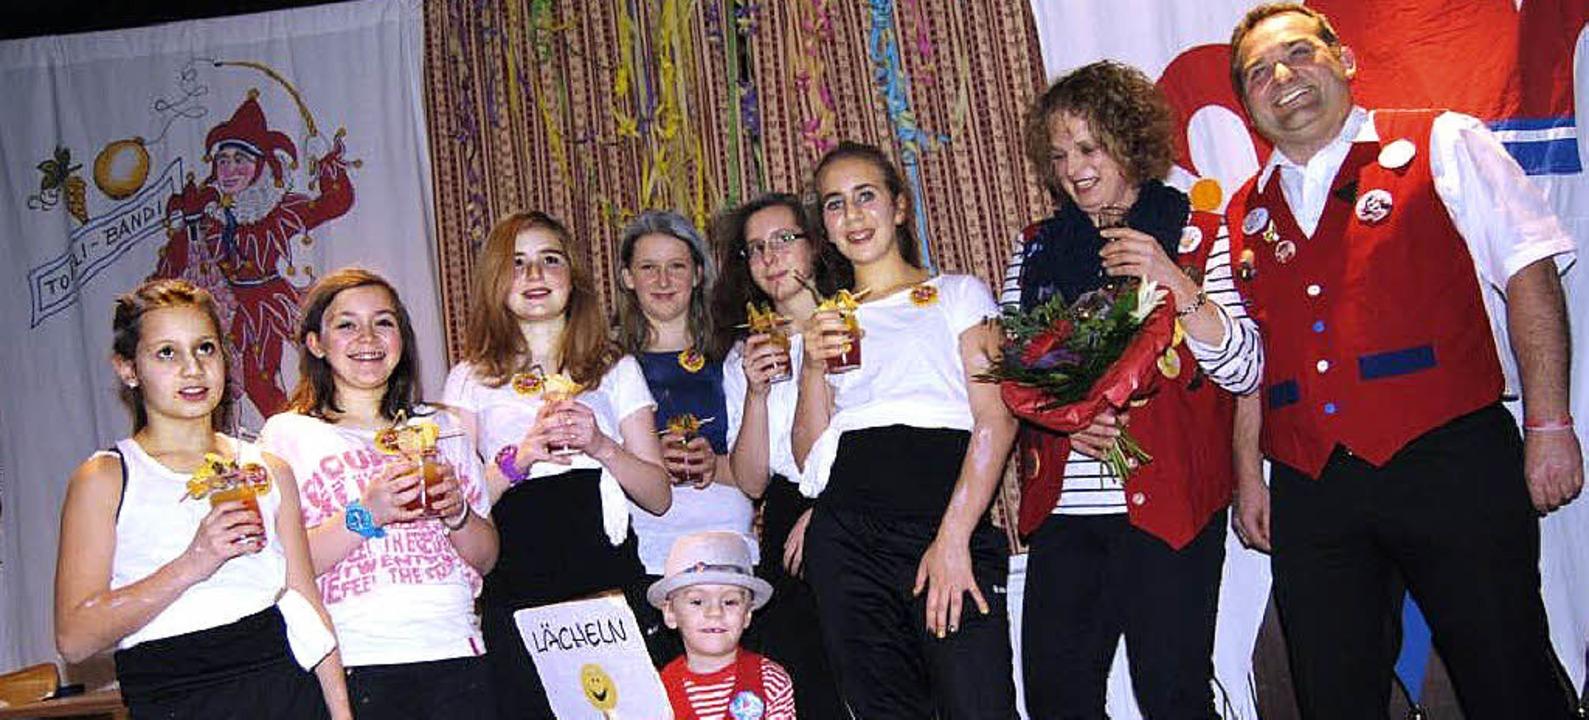 Die Crazy Girls beim Kappenabend der T...Pfauen mit Narrenvogt Charly Griebel.     Foto: Privat